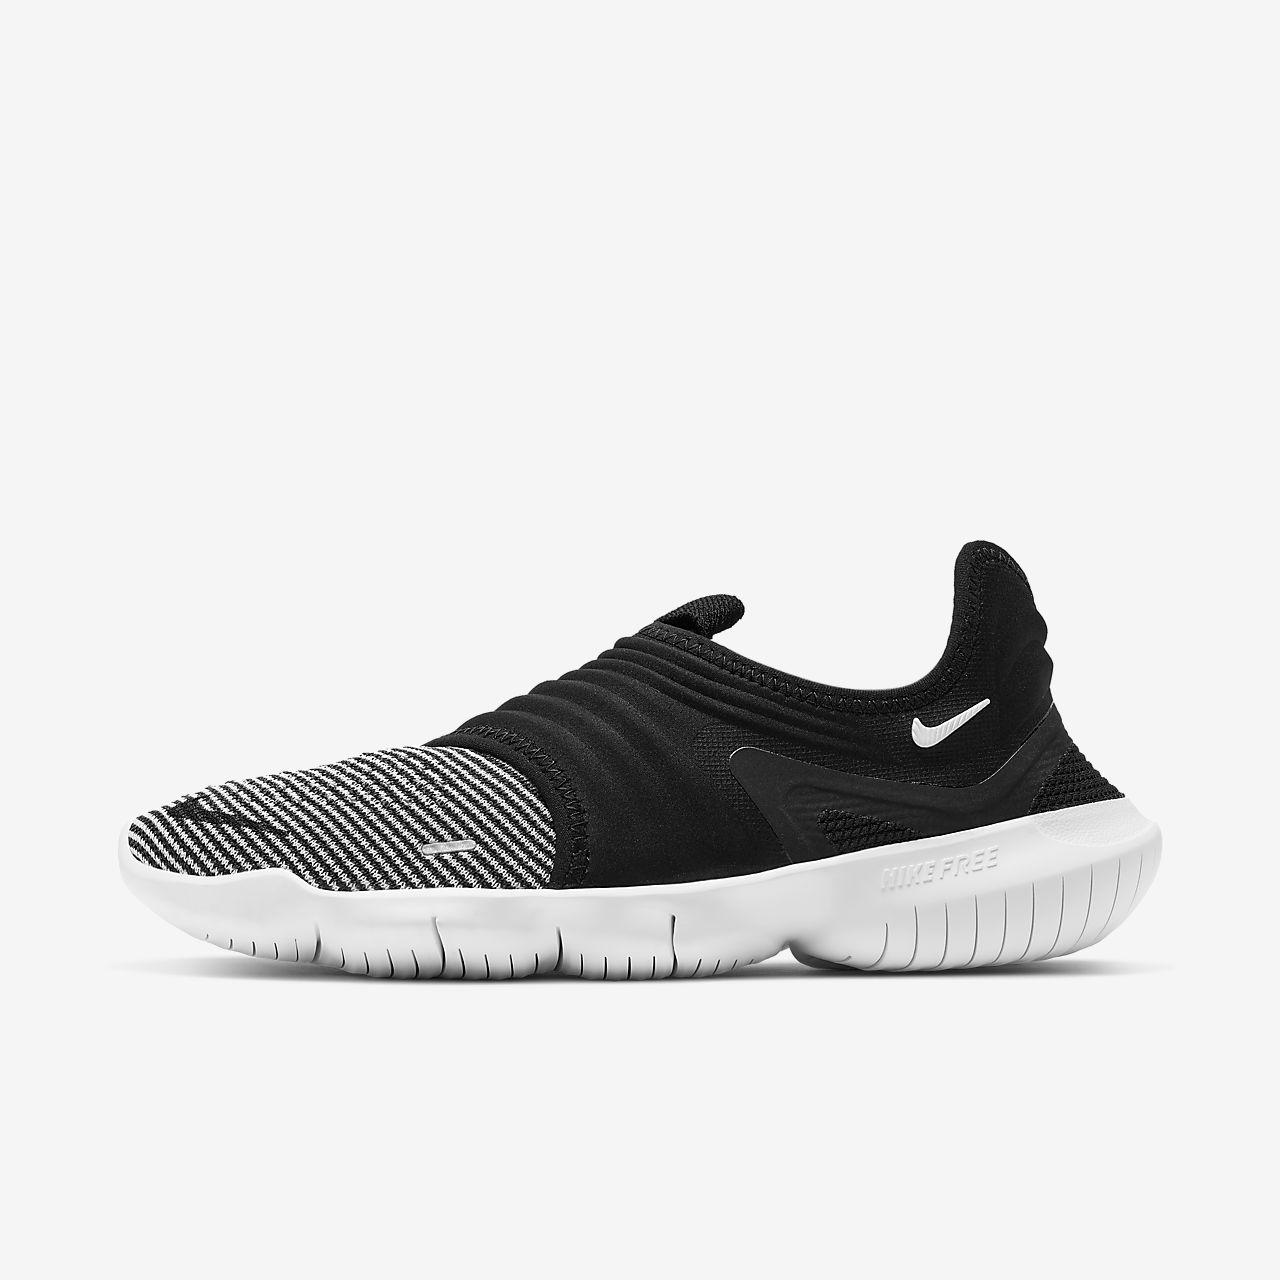 Zapatillas Nike Free Flyknit 3.0 .es